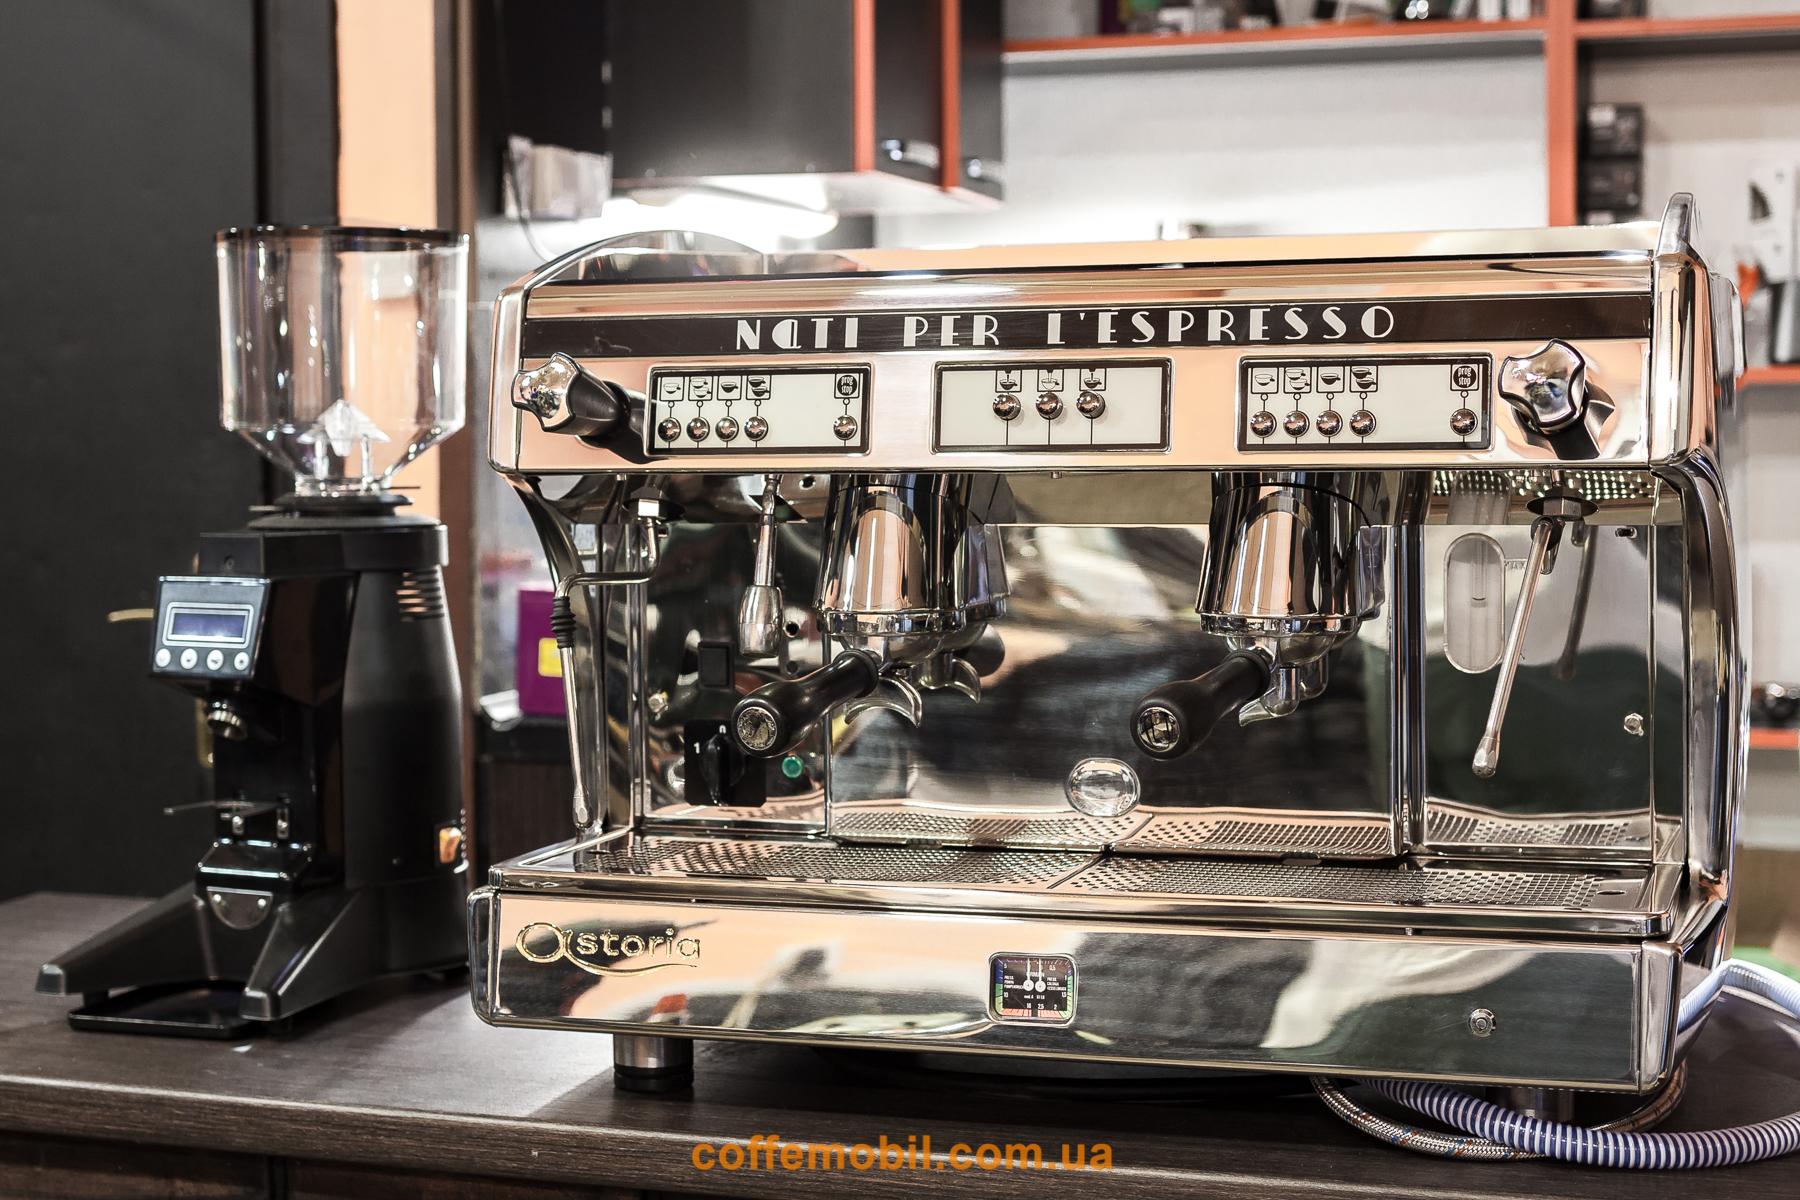 профессиональная кофеварка Astoria Perla 2 гр